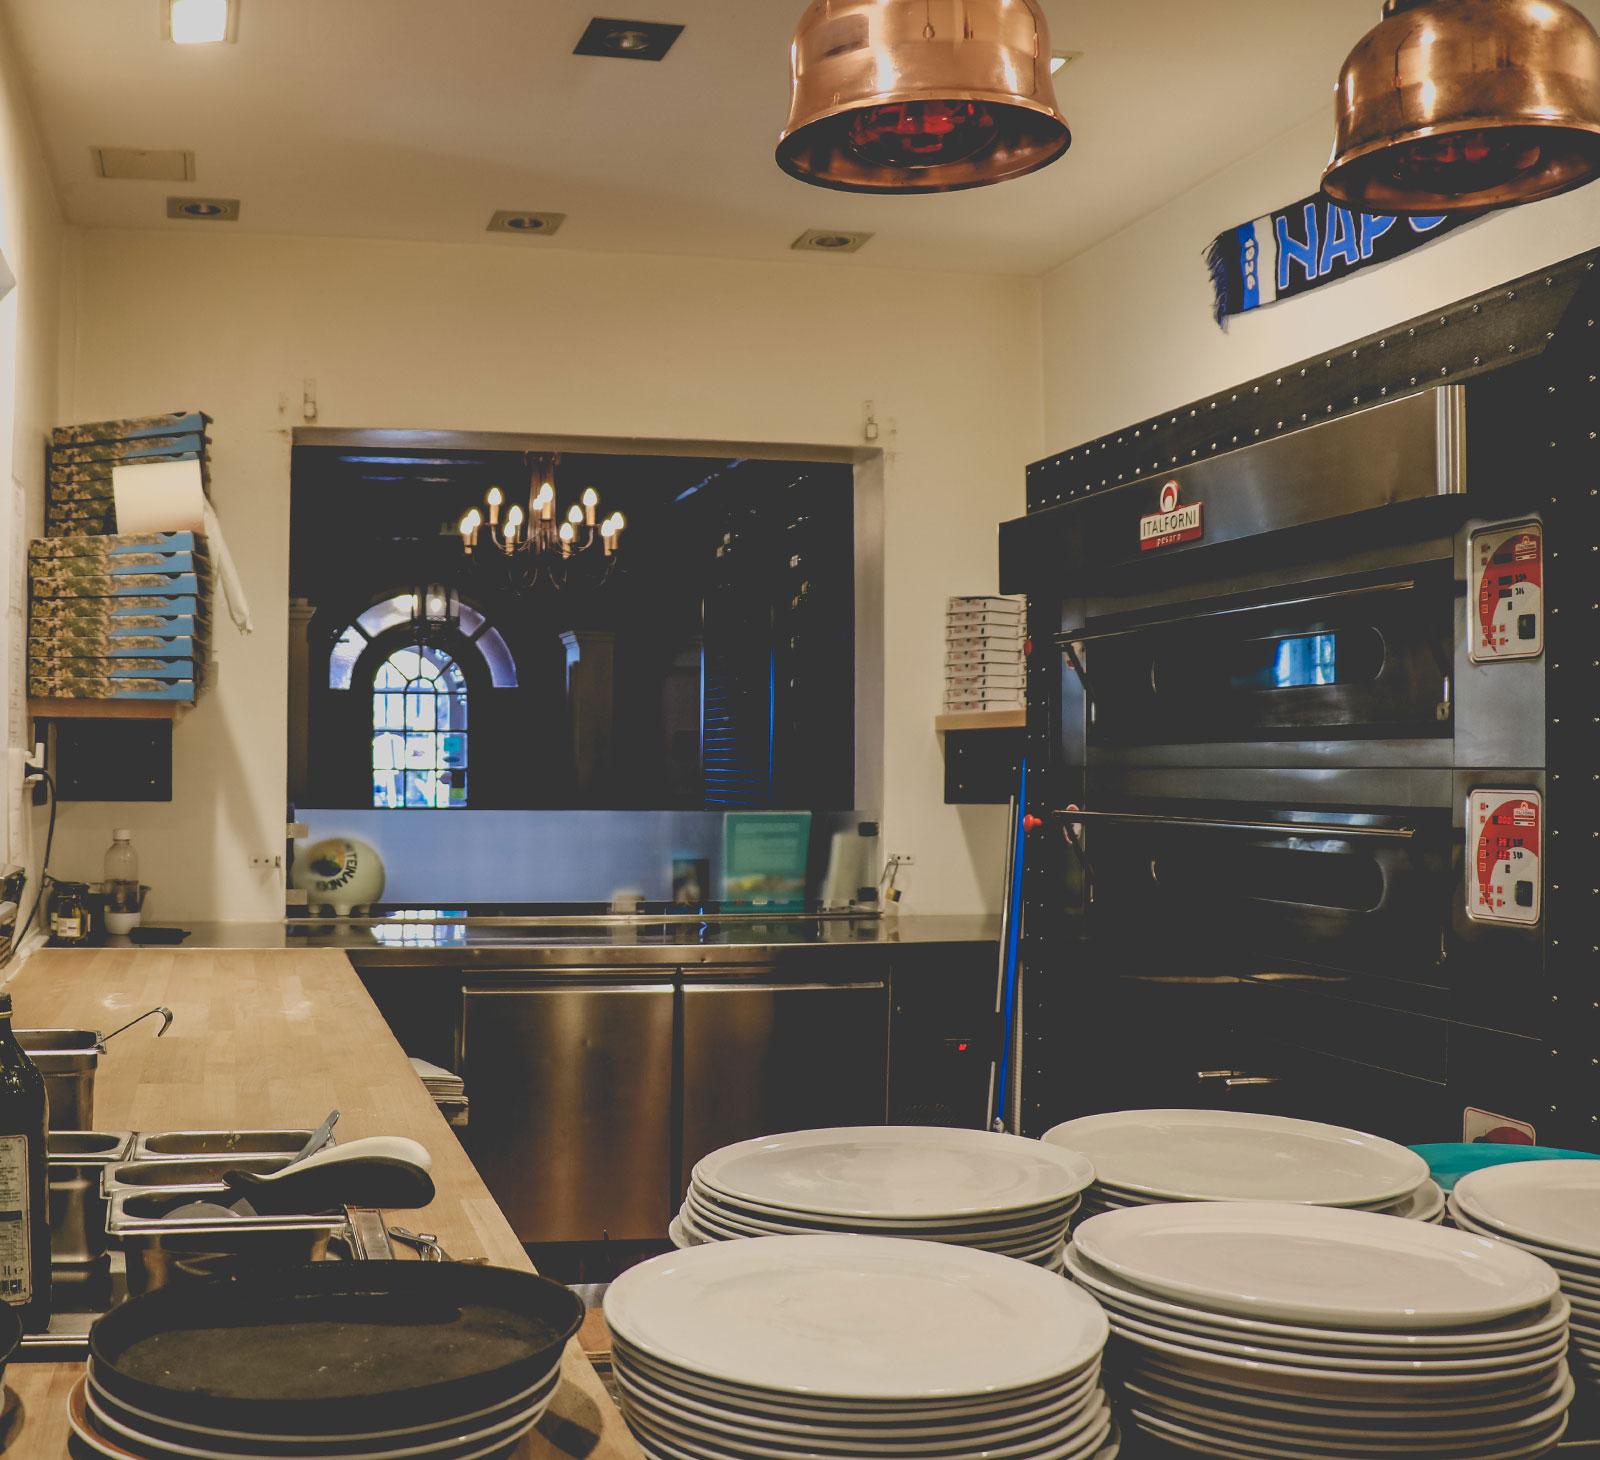 Doppeleiche_Restaurant_Pizzeria_Hotel_Fehmarn_IMG_2_9804_1600_cropped.jpg